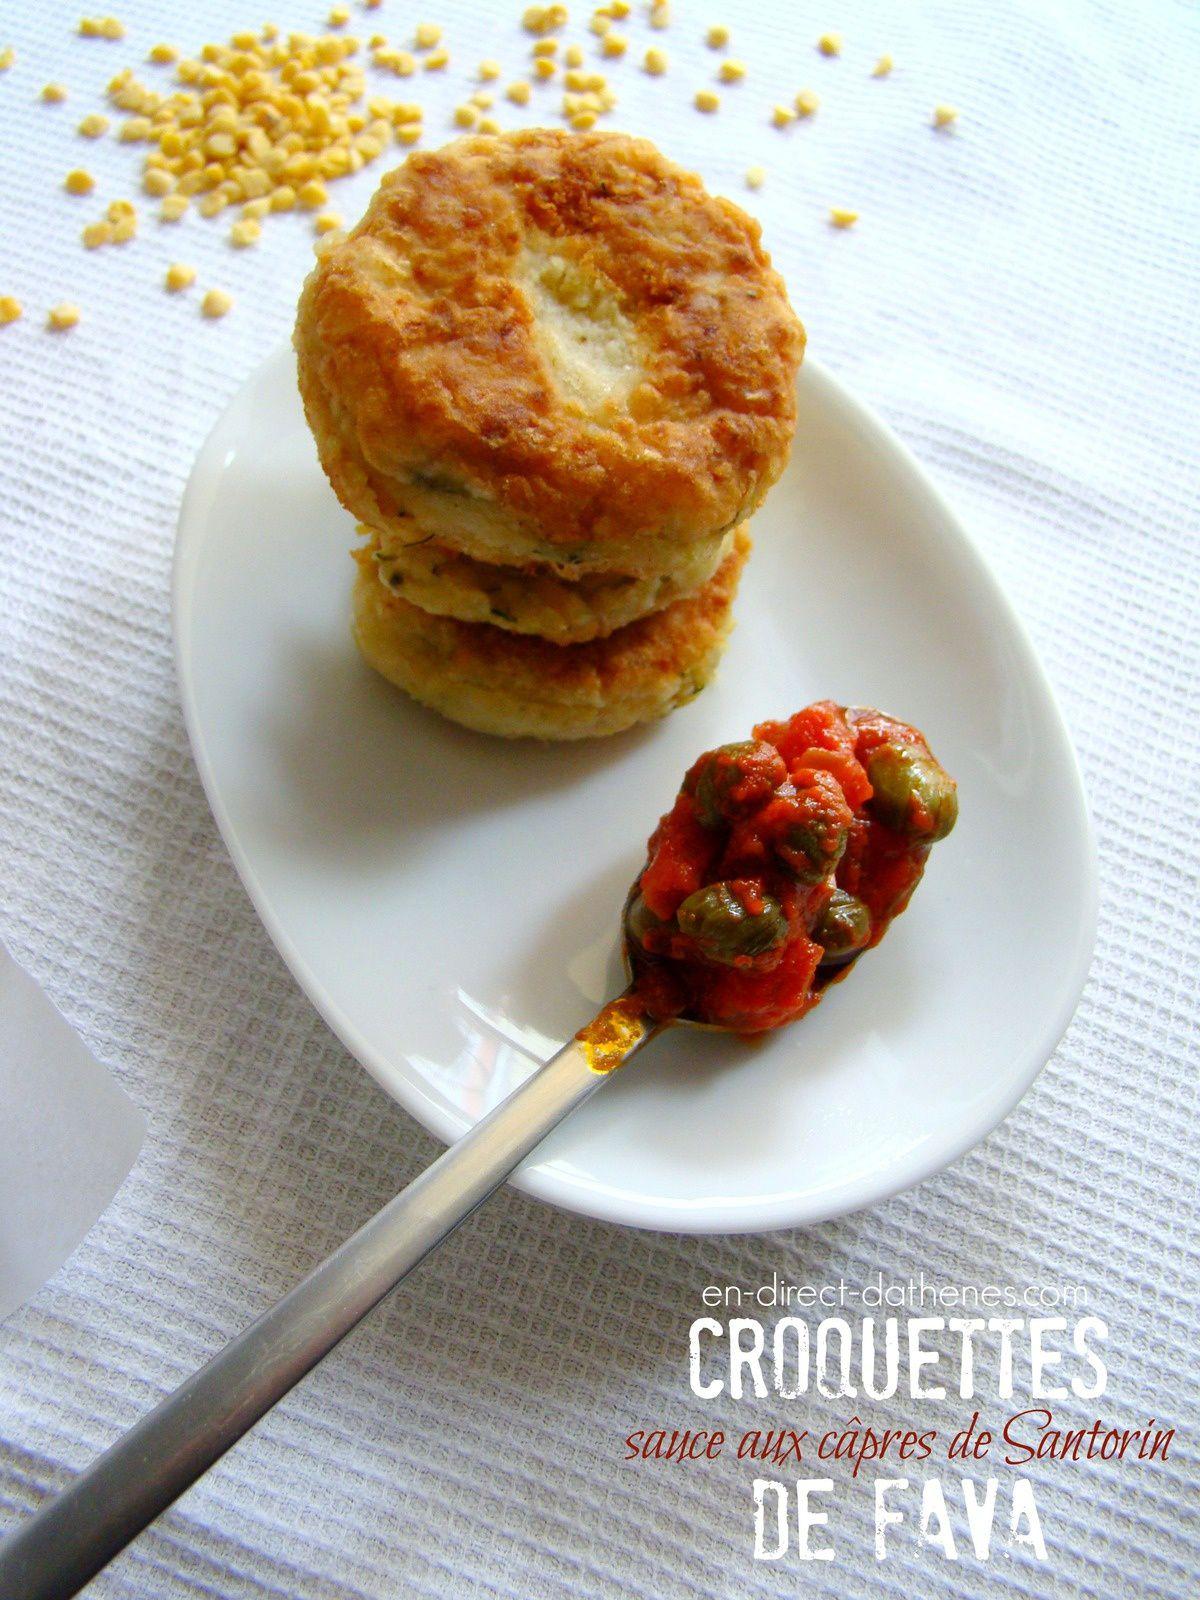 Croquettes de fava et leur sauce aux câpres de Santorin